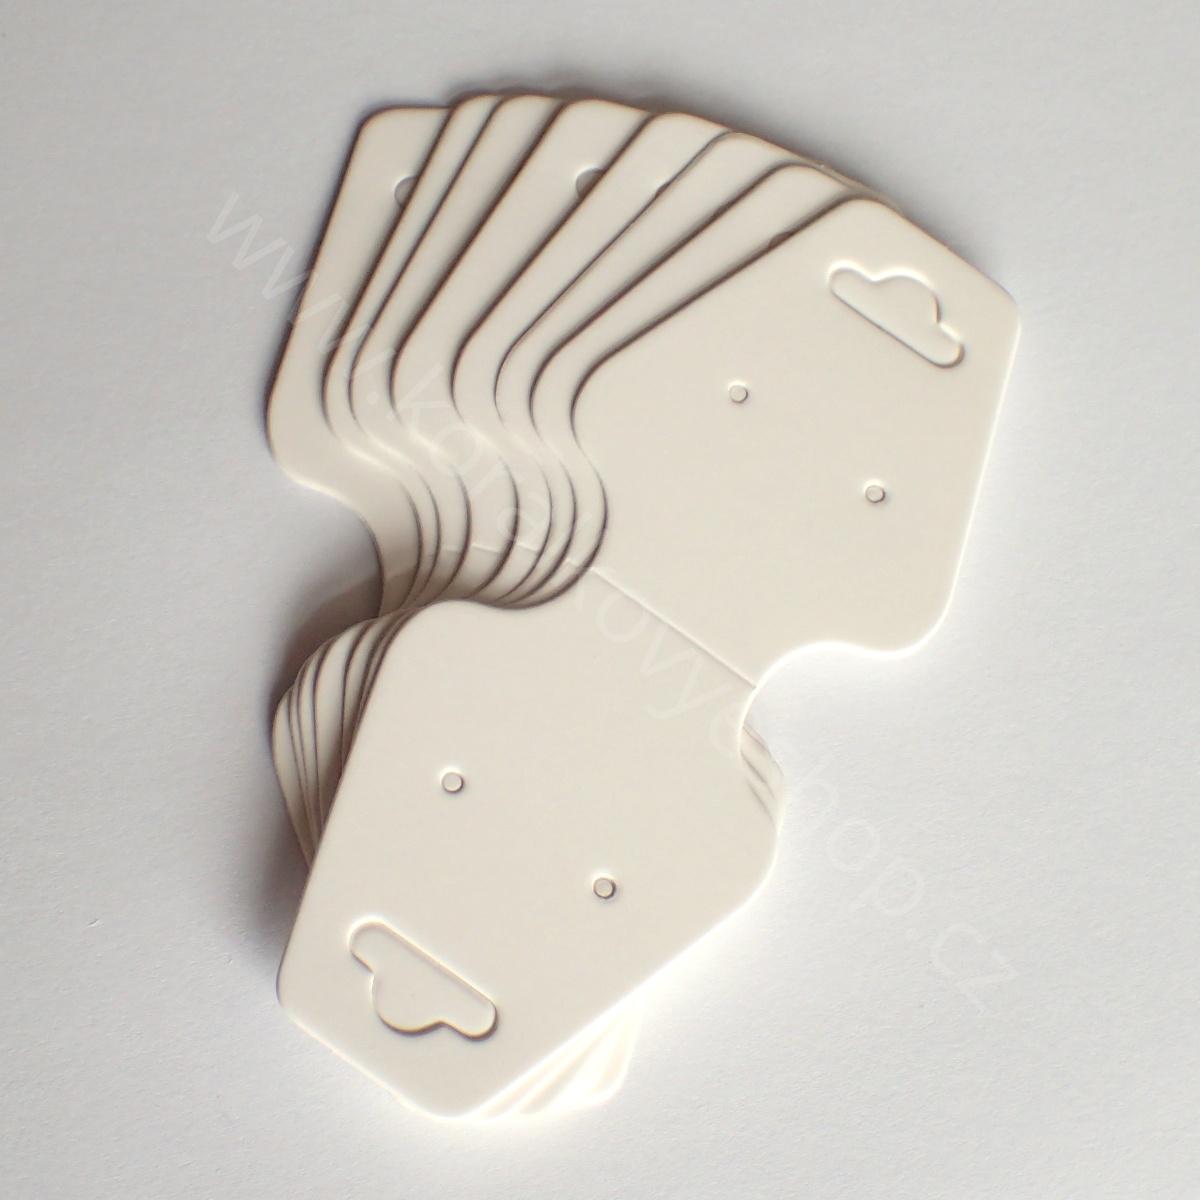 Bižuterní karta 10,5 x 4,5 cm